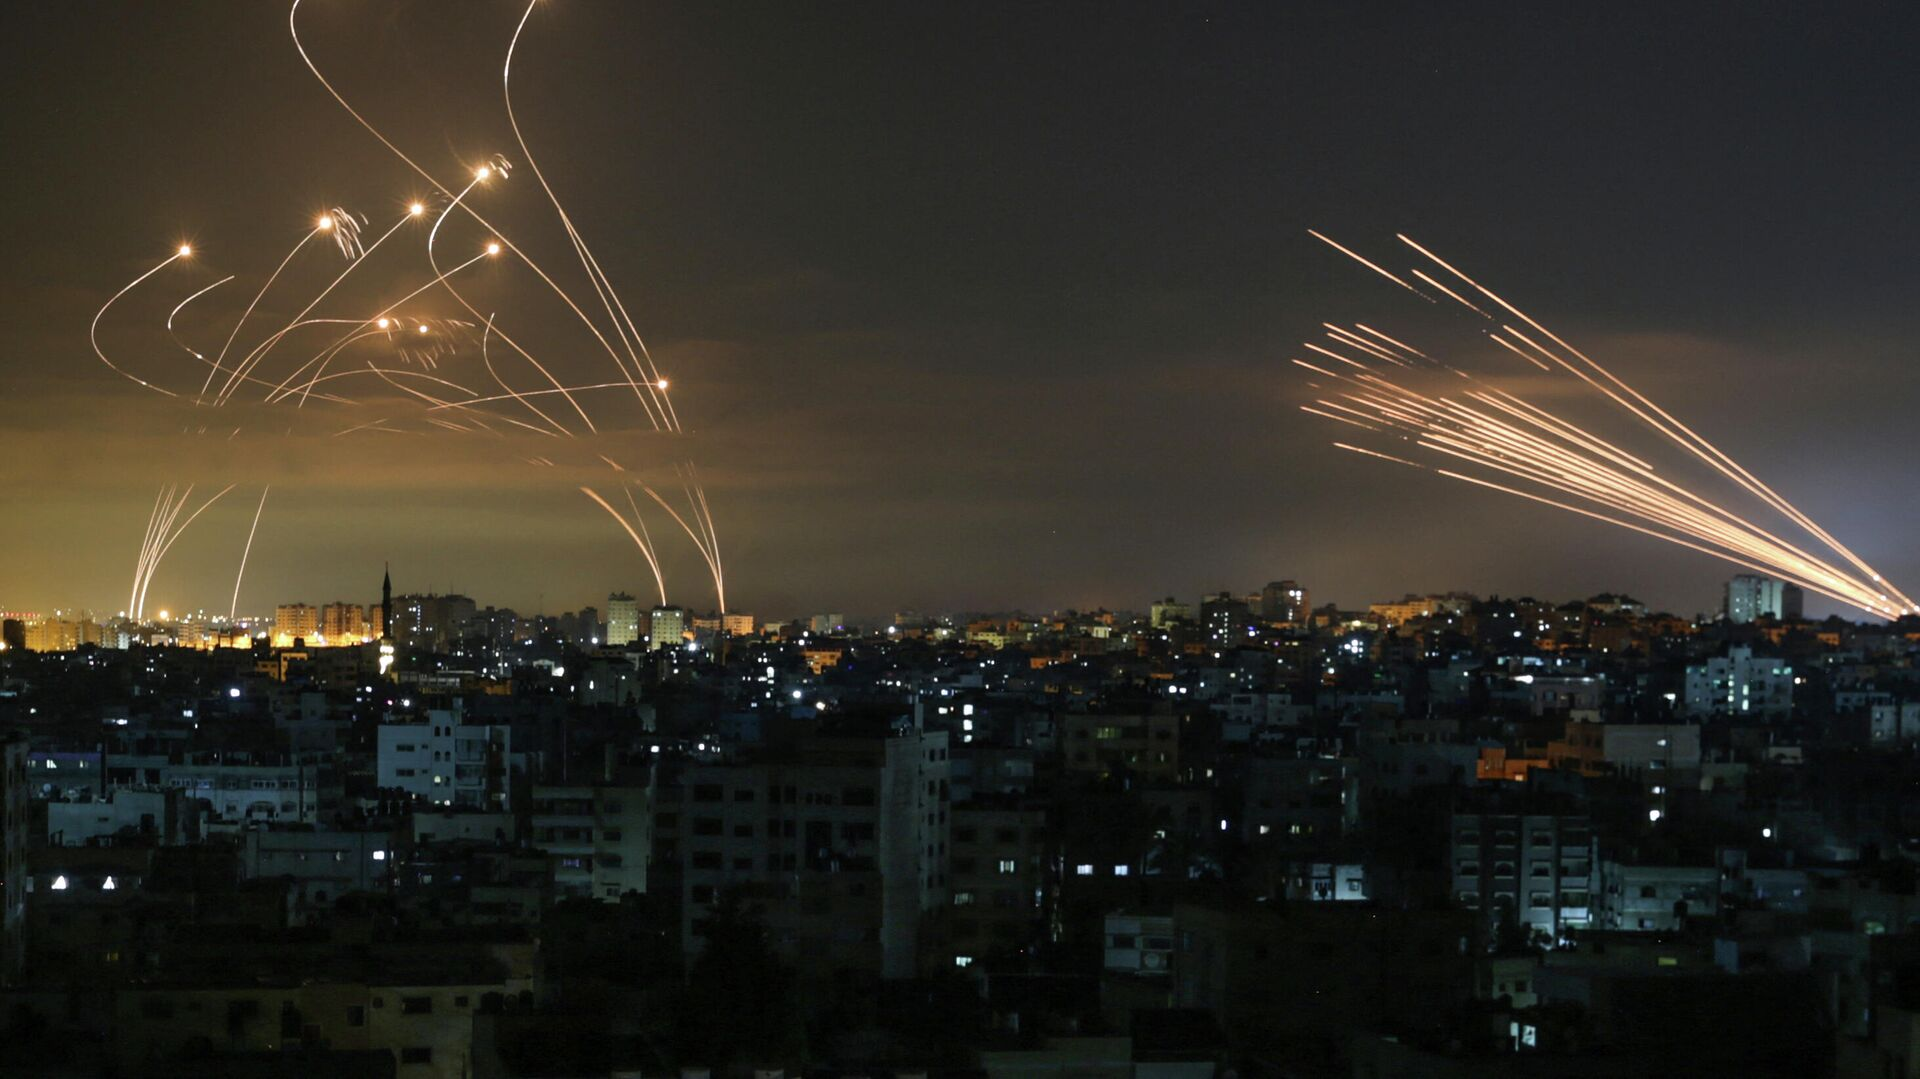 Ракетный удар с территории сектора Газа по Израилю - РИА Новости, 1920, 15.05.2021